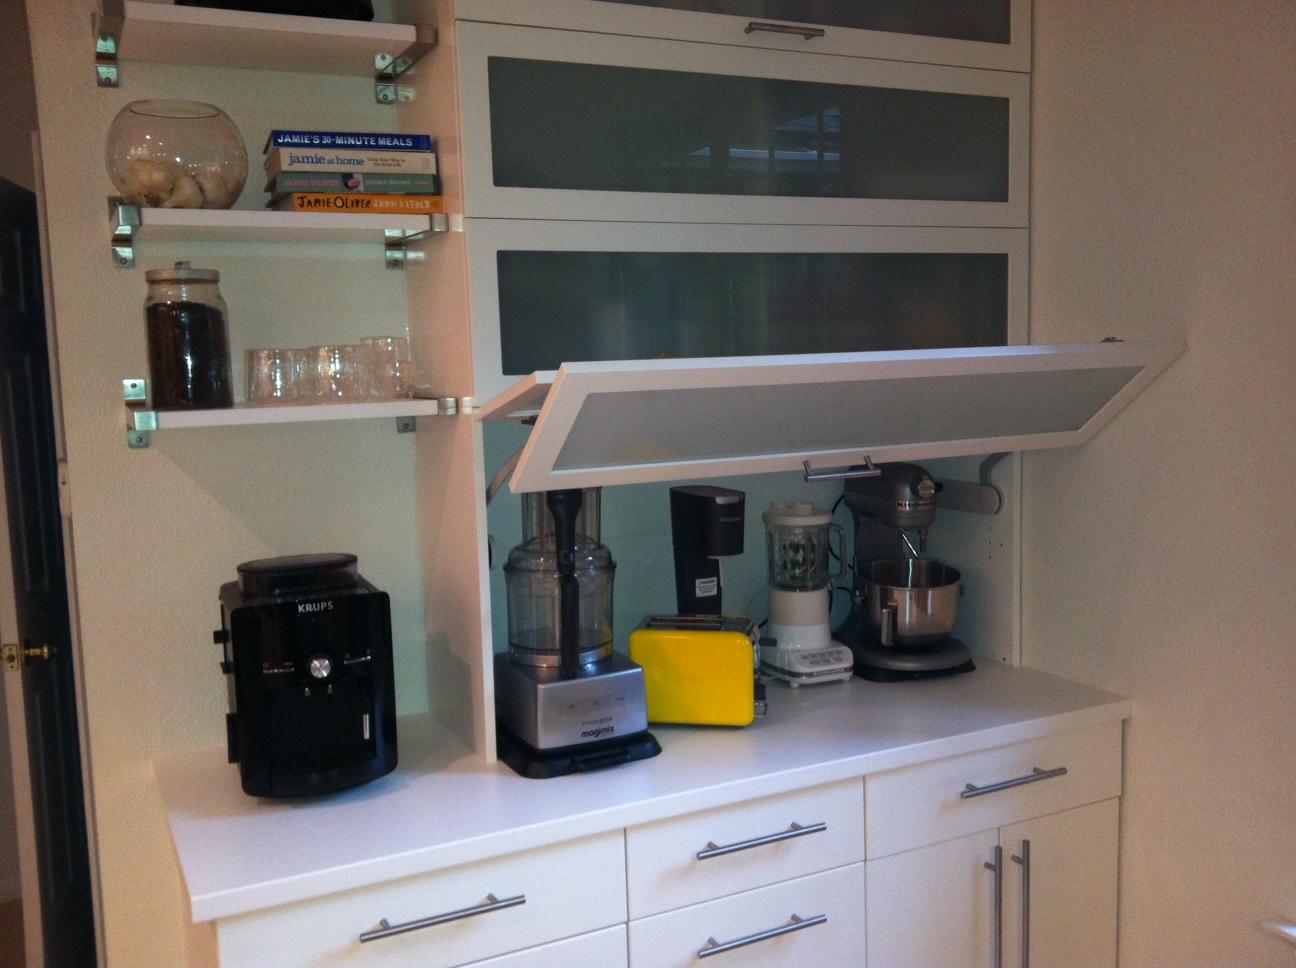 Kitchen Appliance Garage Get Home Decorating